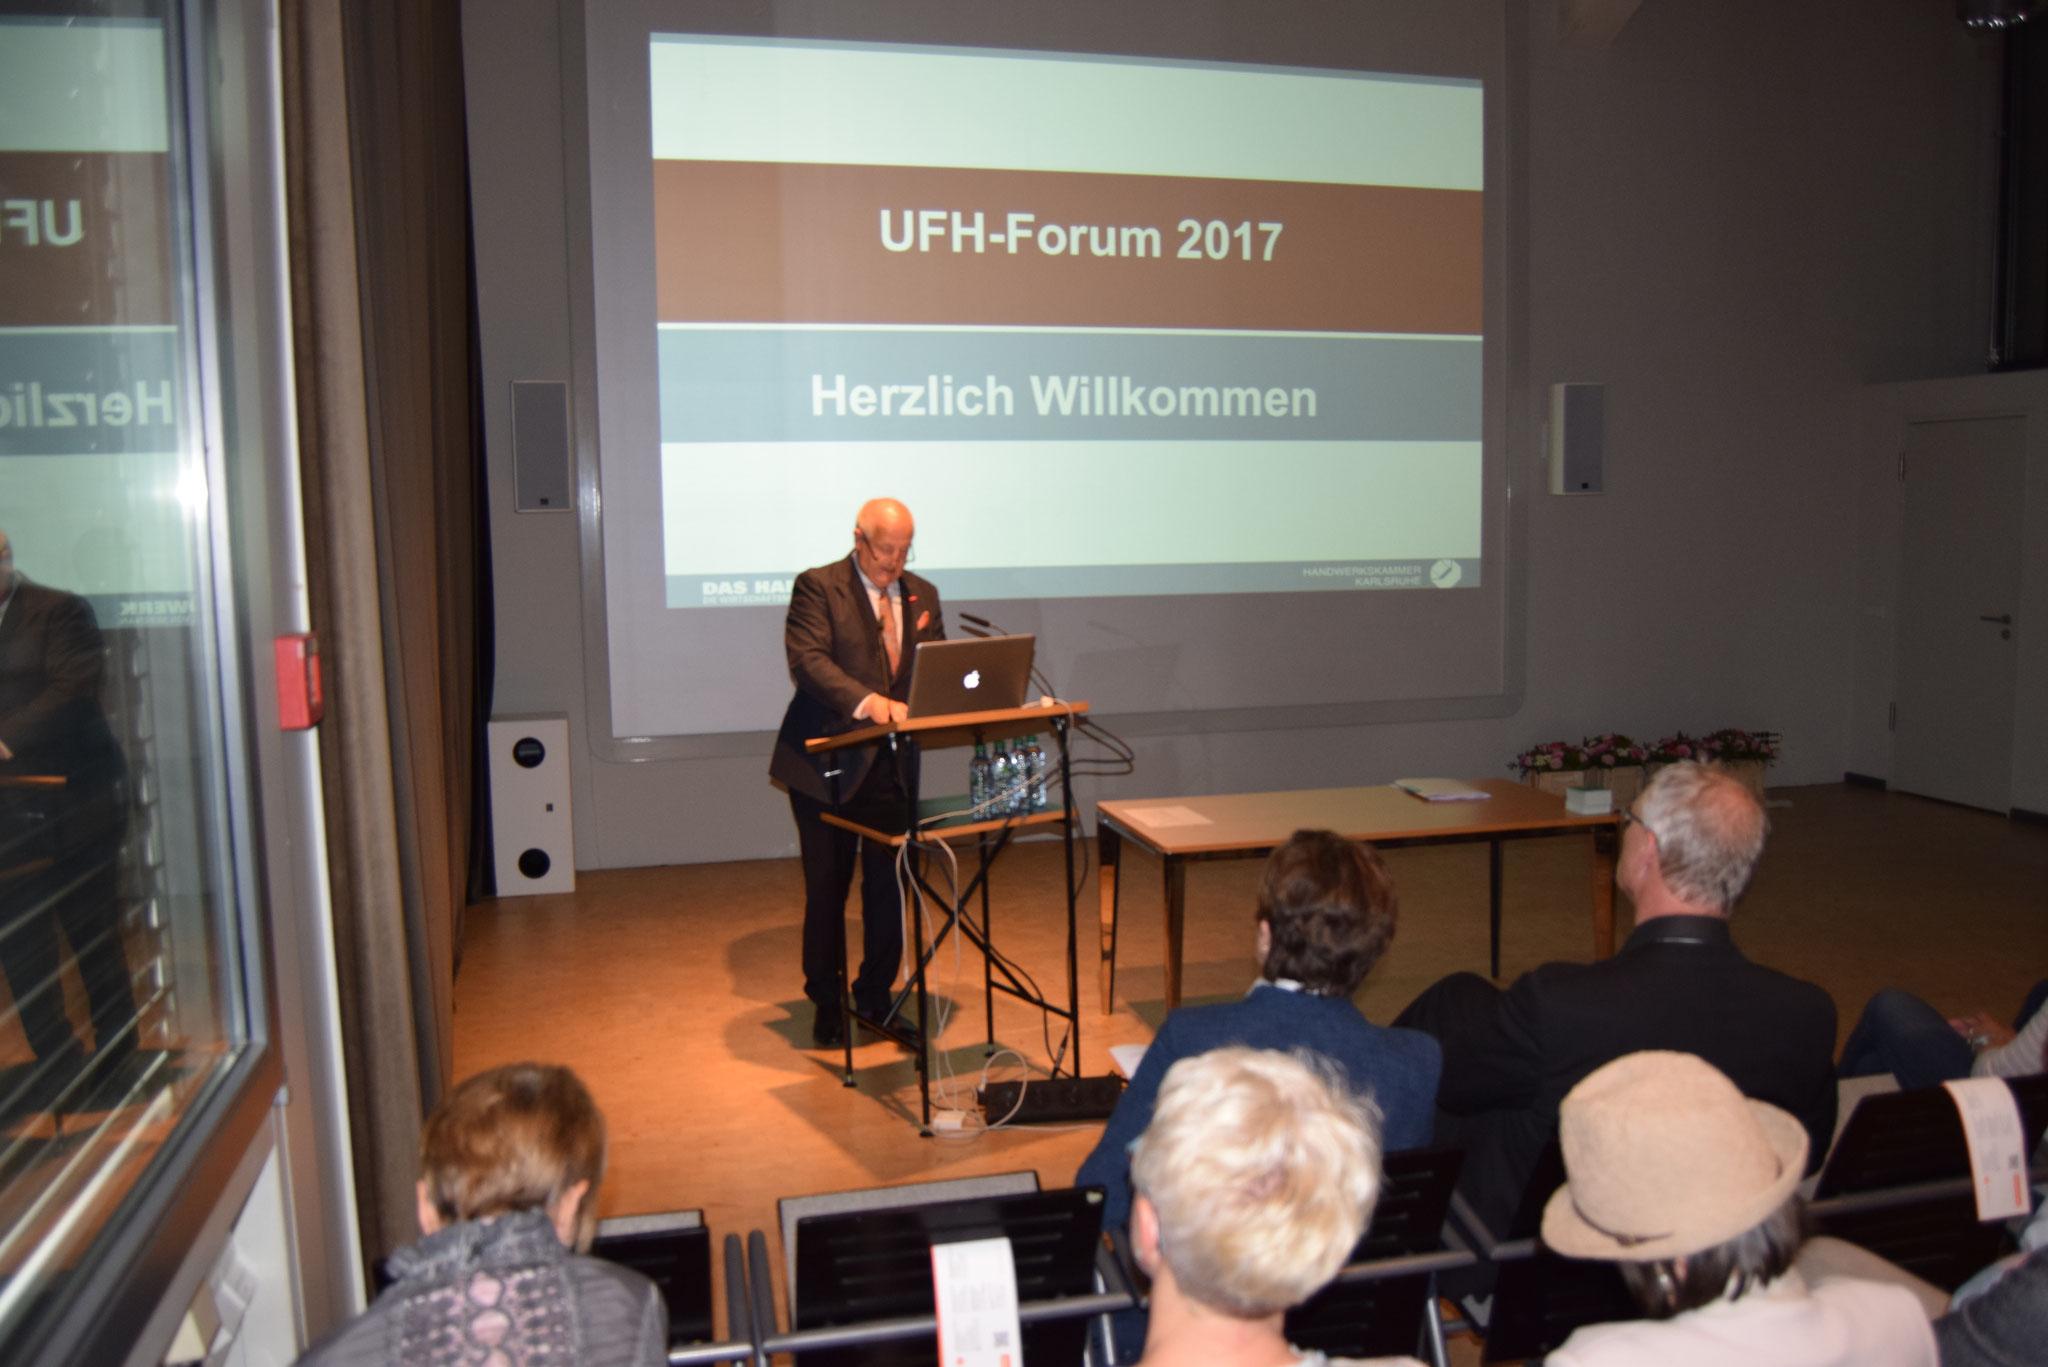 04-17 ufh-Forum der HWK im ZKM Karlsruhe